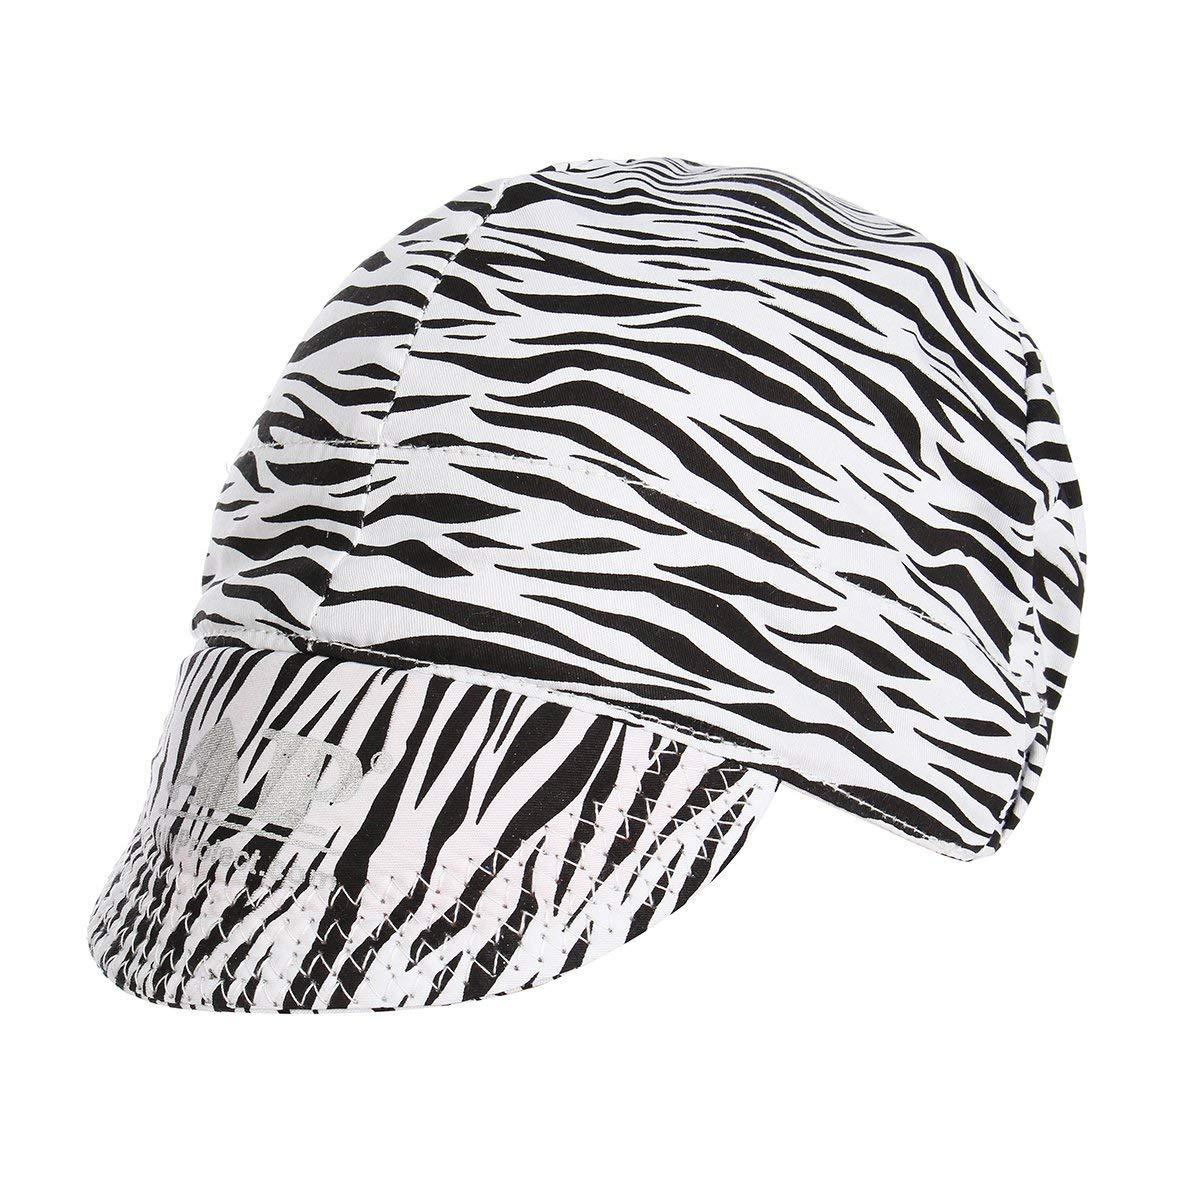 42a20faf965 Get Quotations · 22 inch to 25 inch Adjustable Welding Protective Hat Cap  Scarf Welders Retardant Cotton Helmet